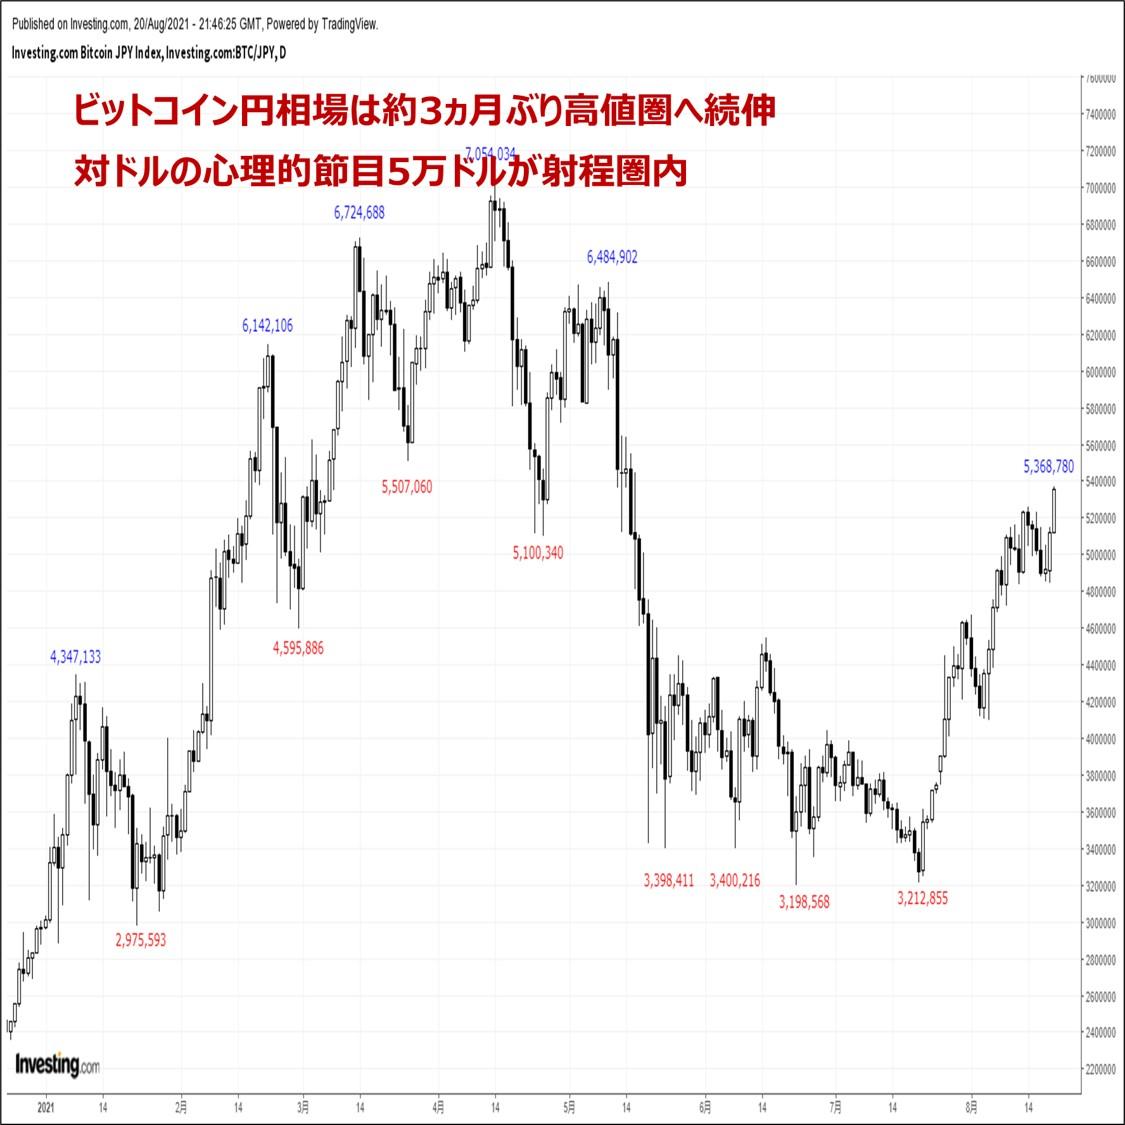 ビットコインの価格分析:『約3ヵ月ぶり高値圏へ急伸。対ドルの節目5万ドルが視野に』(8/21)